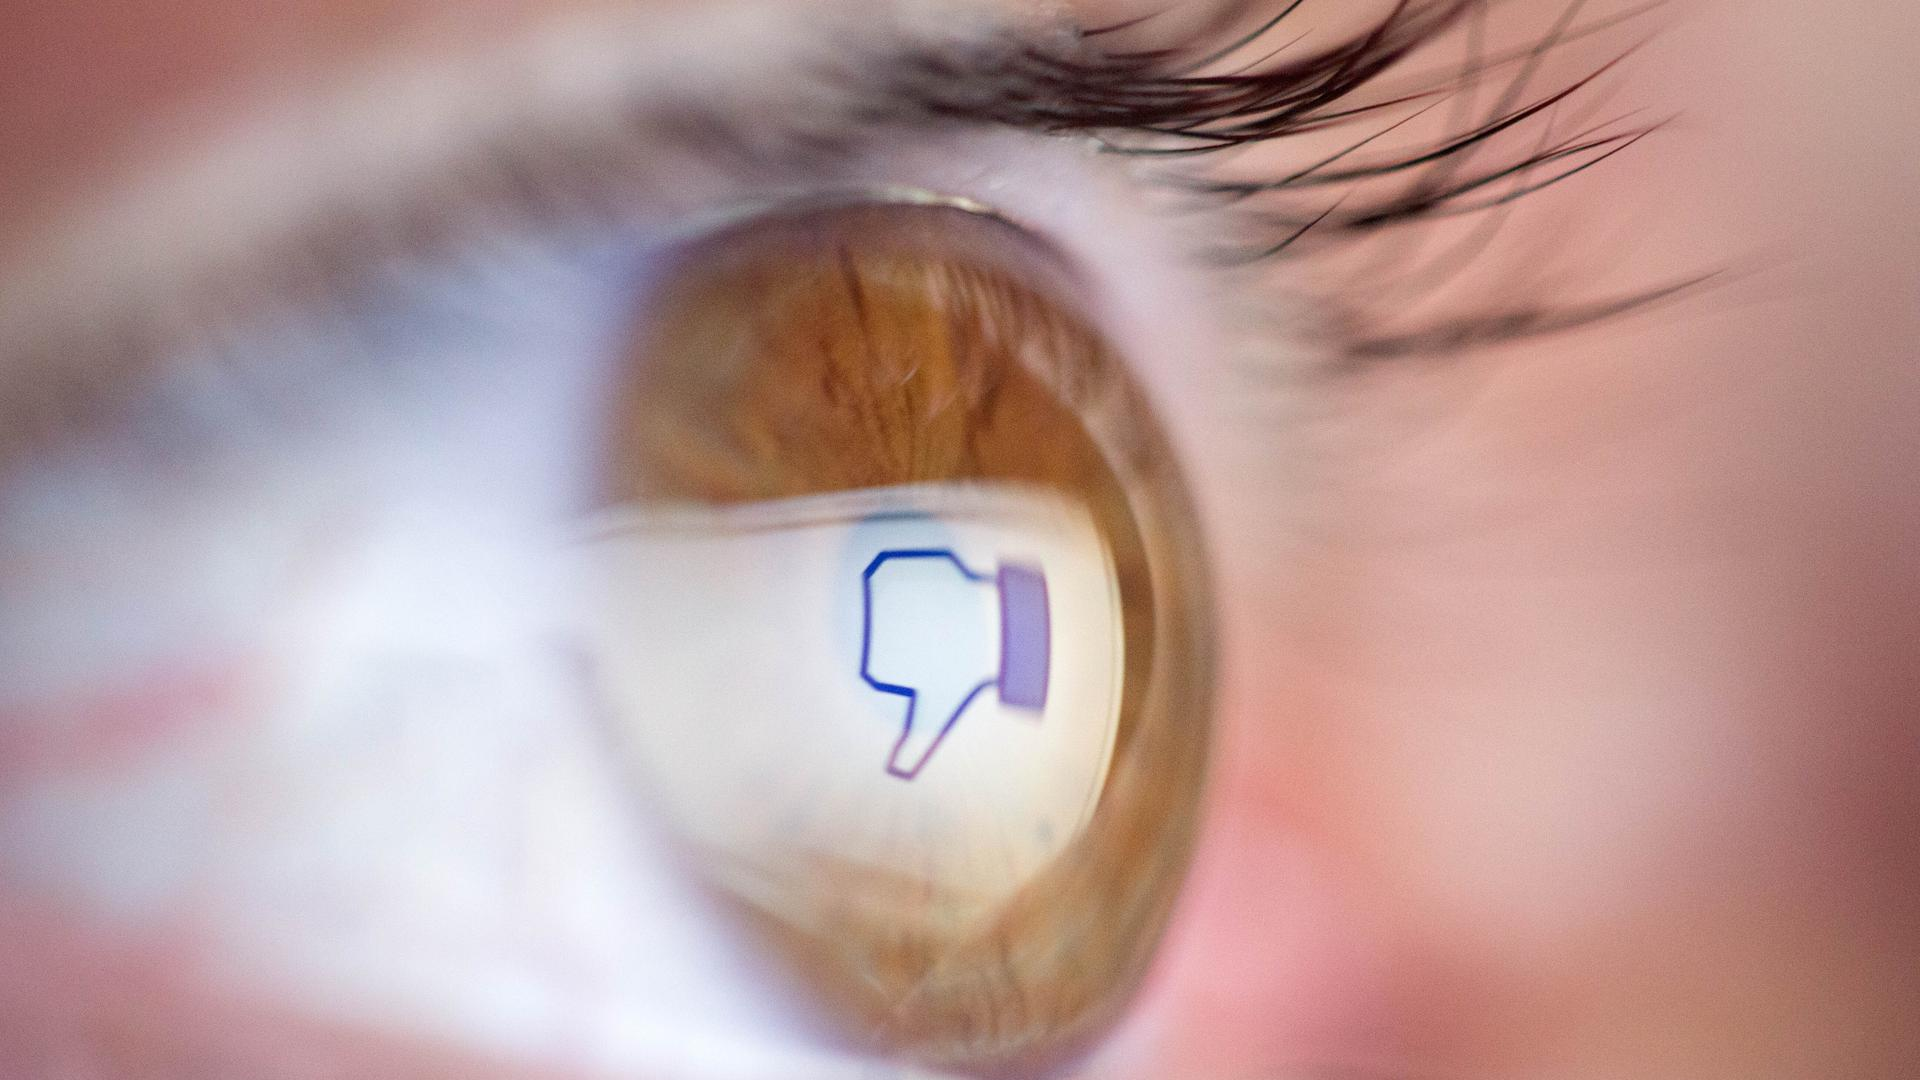 Großaufnahme eines menschlichen Auges mit brauner Iris. In der Pupille spiegelt sich das Icon eines nach unten zeigenden Daumens im Facebook-Design.